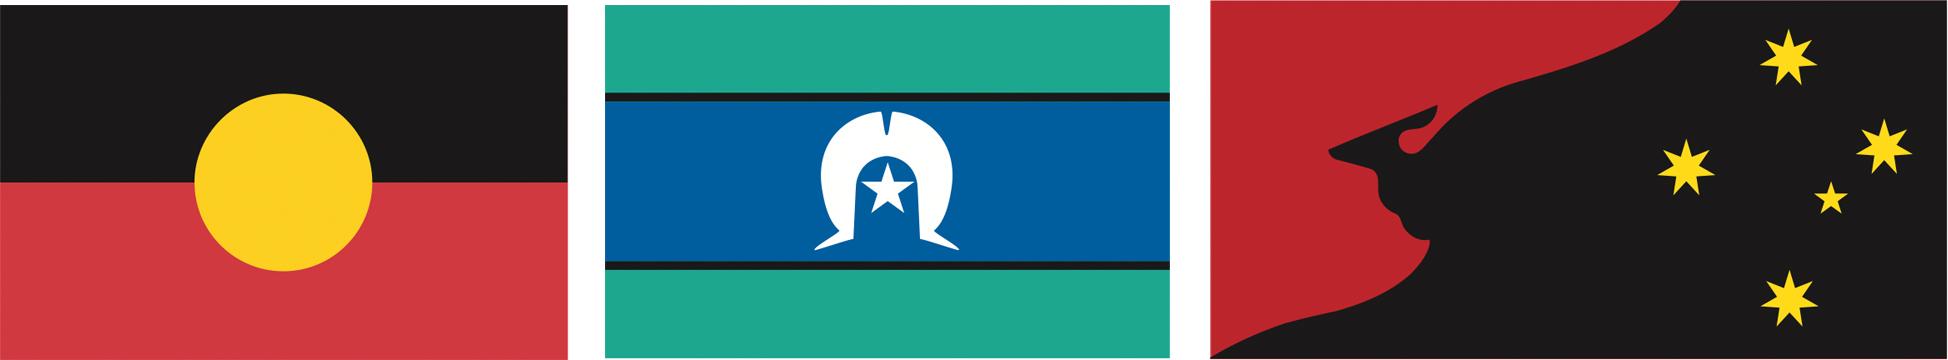 newaustralianflag - THE NEW AUSTRALIAN FLAG